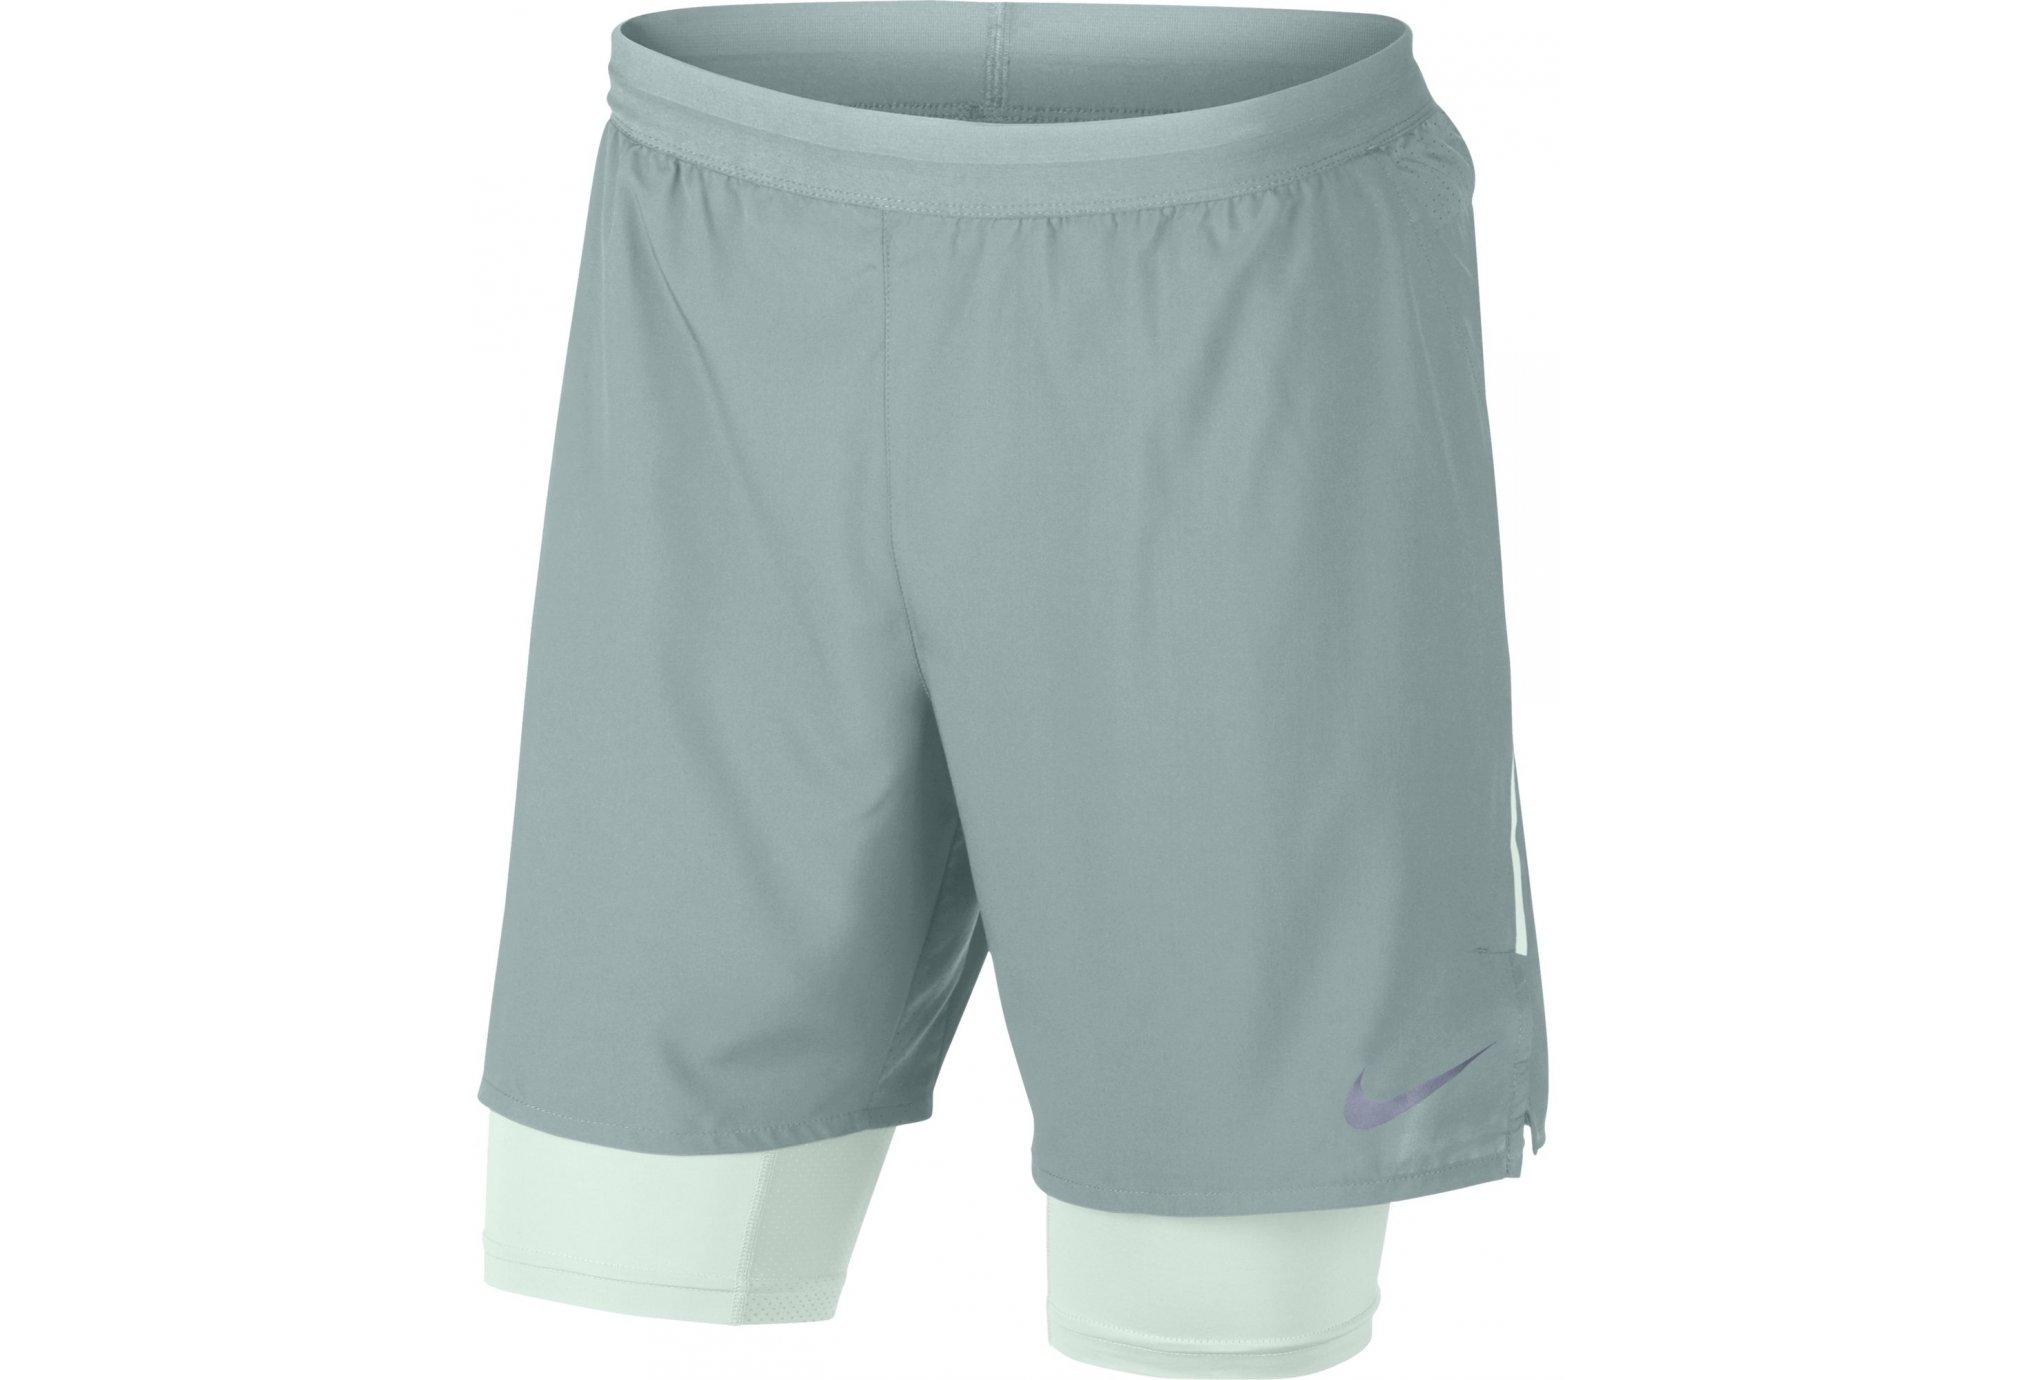 Nike Flex Stride 2en1 M vêtement running homme